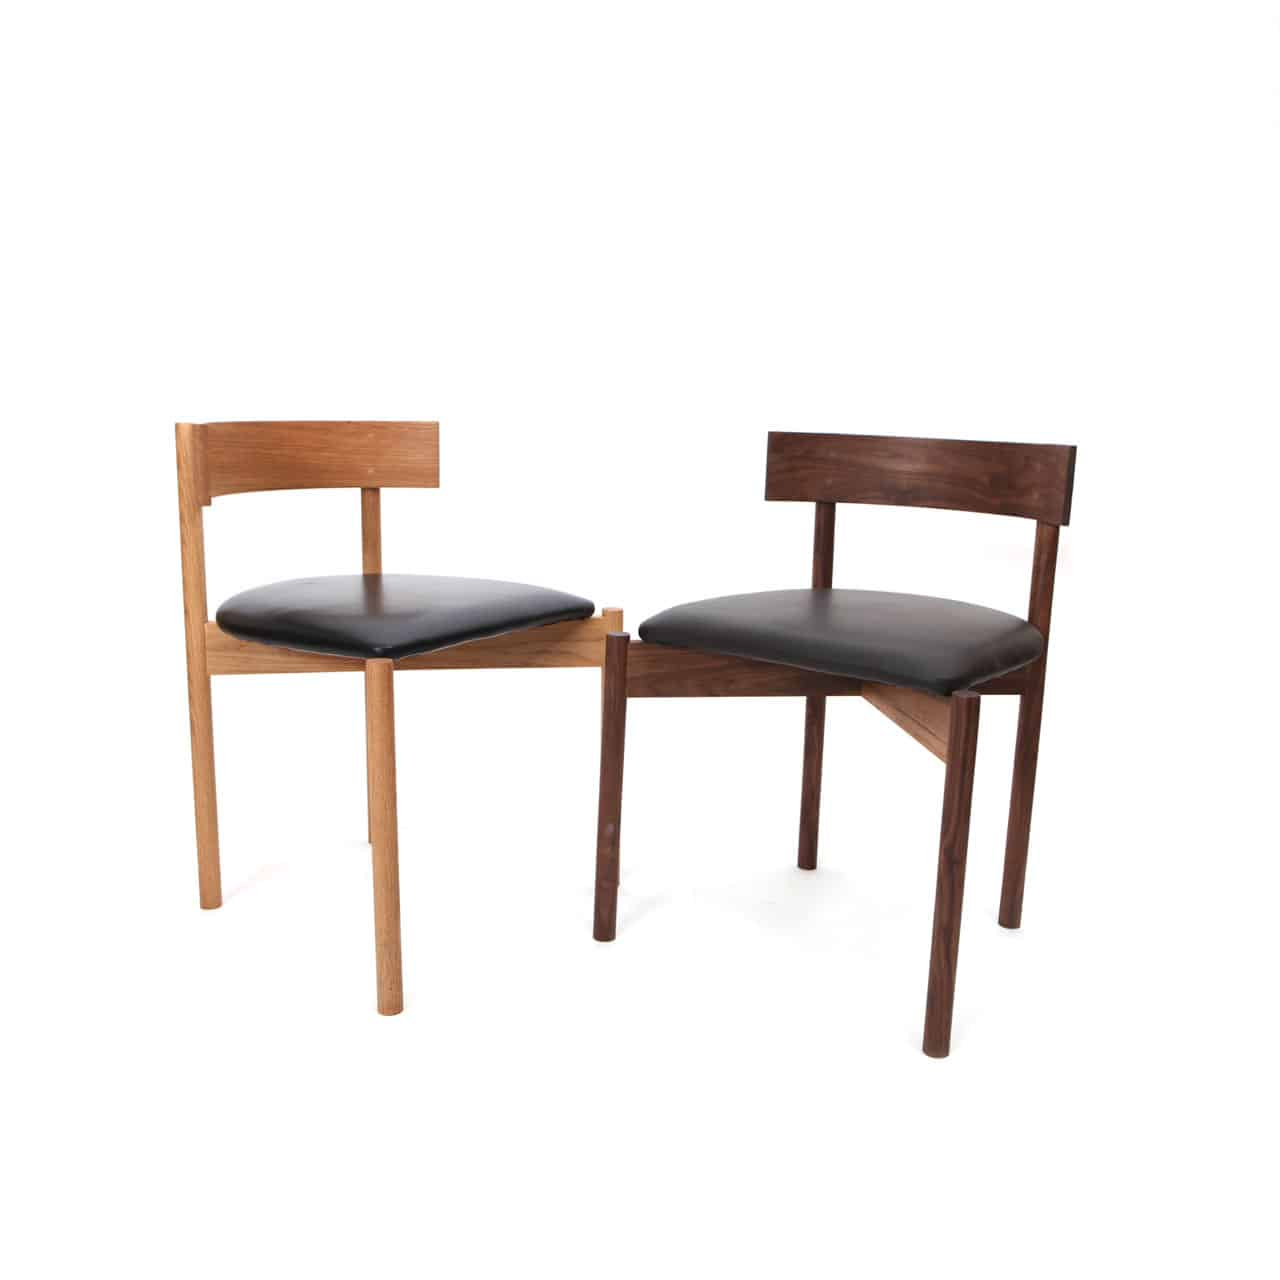 LOGGIA/Chair